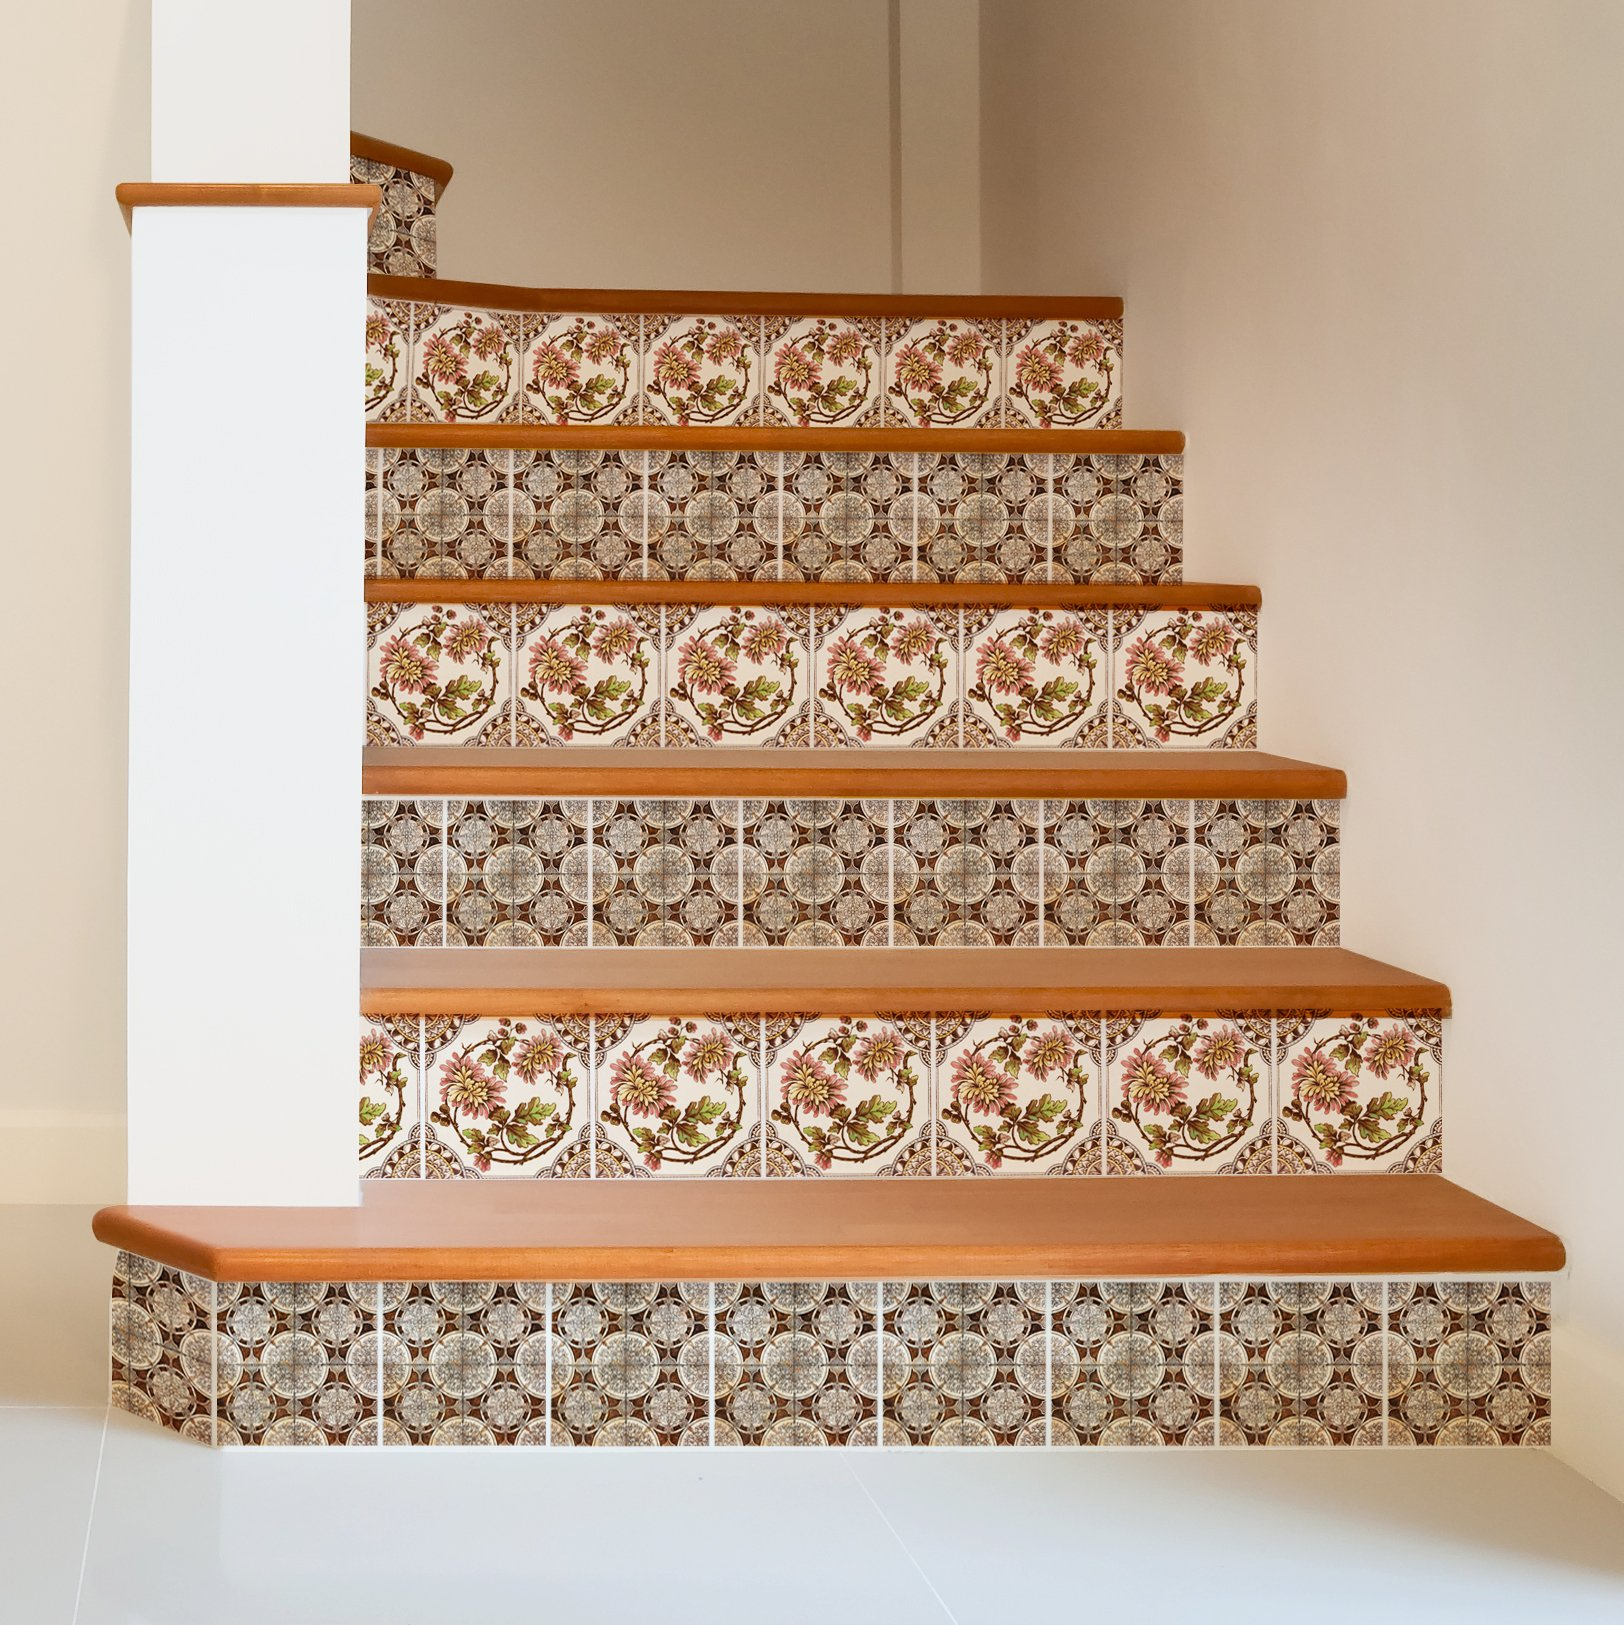 Adesivi c per parete o pavimento 14 soluzioni per un for Rivestimenti adesivi per pareti cucina